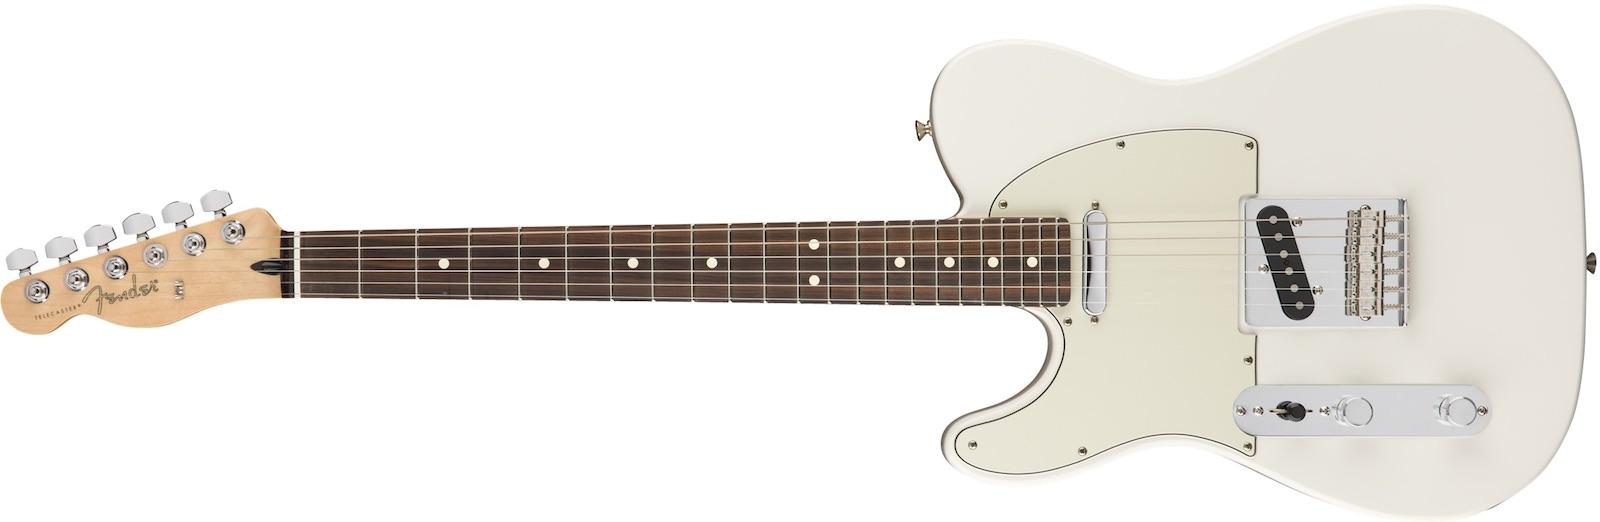 【新品】Fender Player Telecaster Left-Handed Pau Ferro Fingerboard ~Polar White~【お取り寄せ】【送料無料】【池袋店】